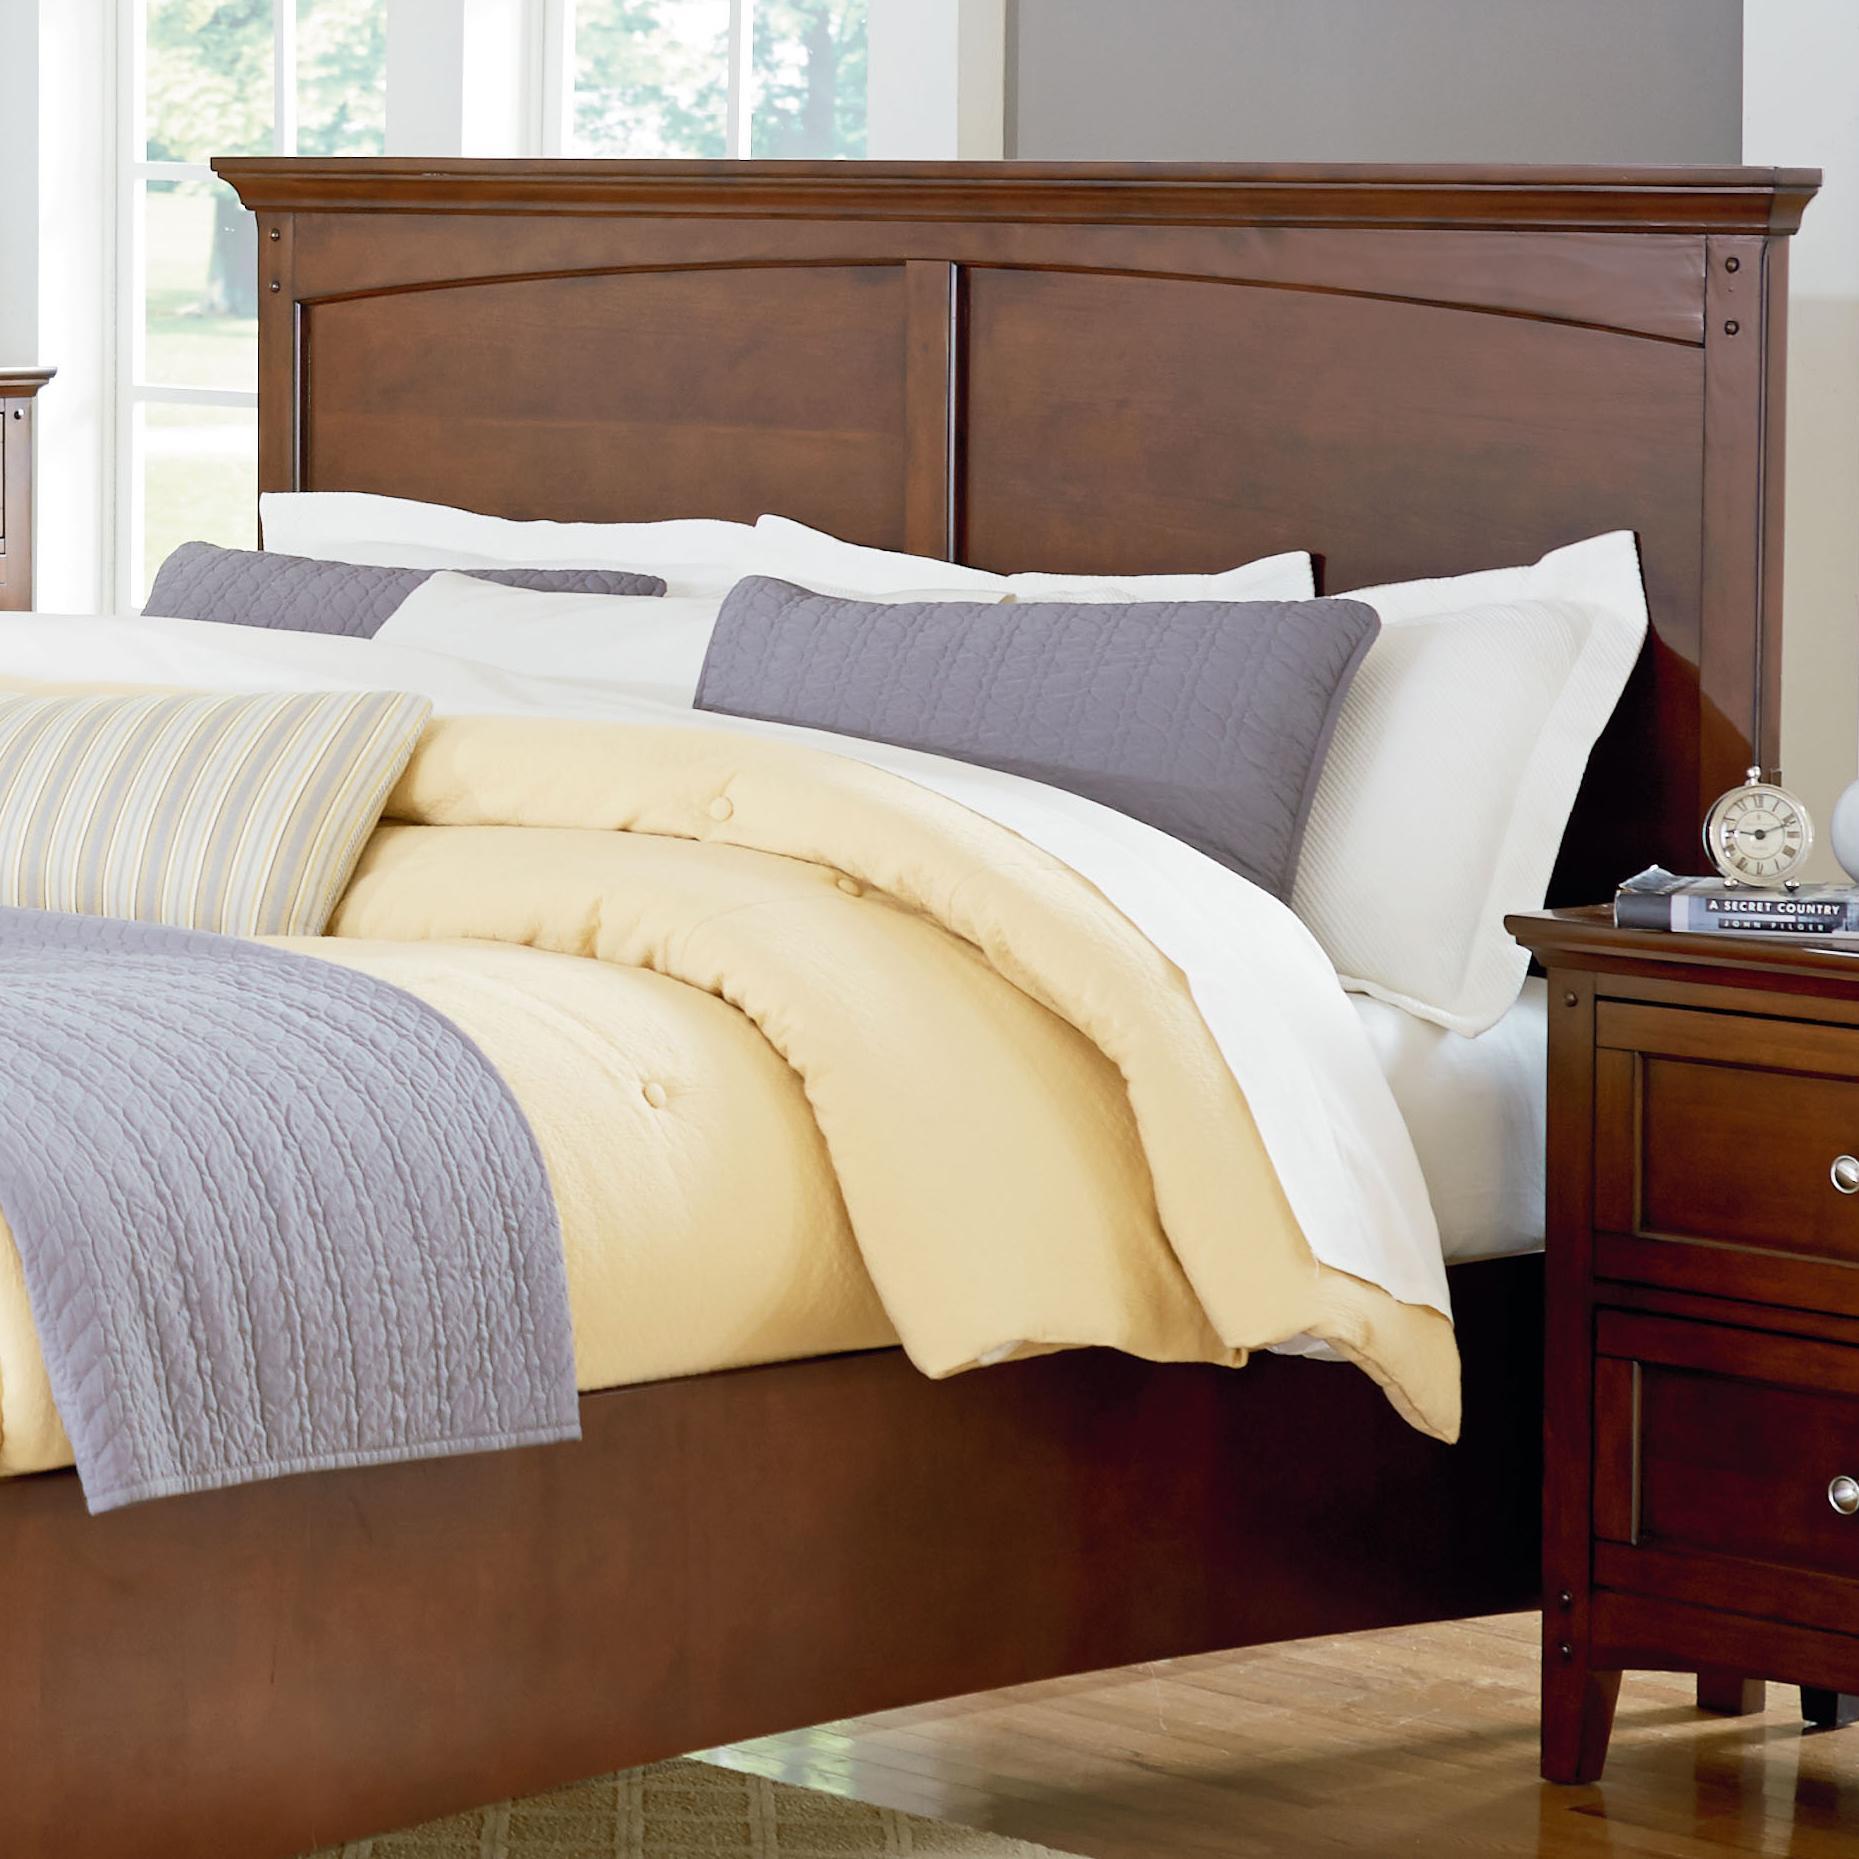 Standard Furniture Cooperstown Queen Panel Headboard - Item Number: 93801